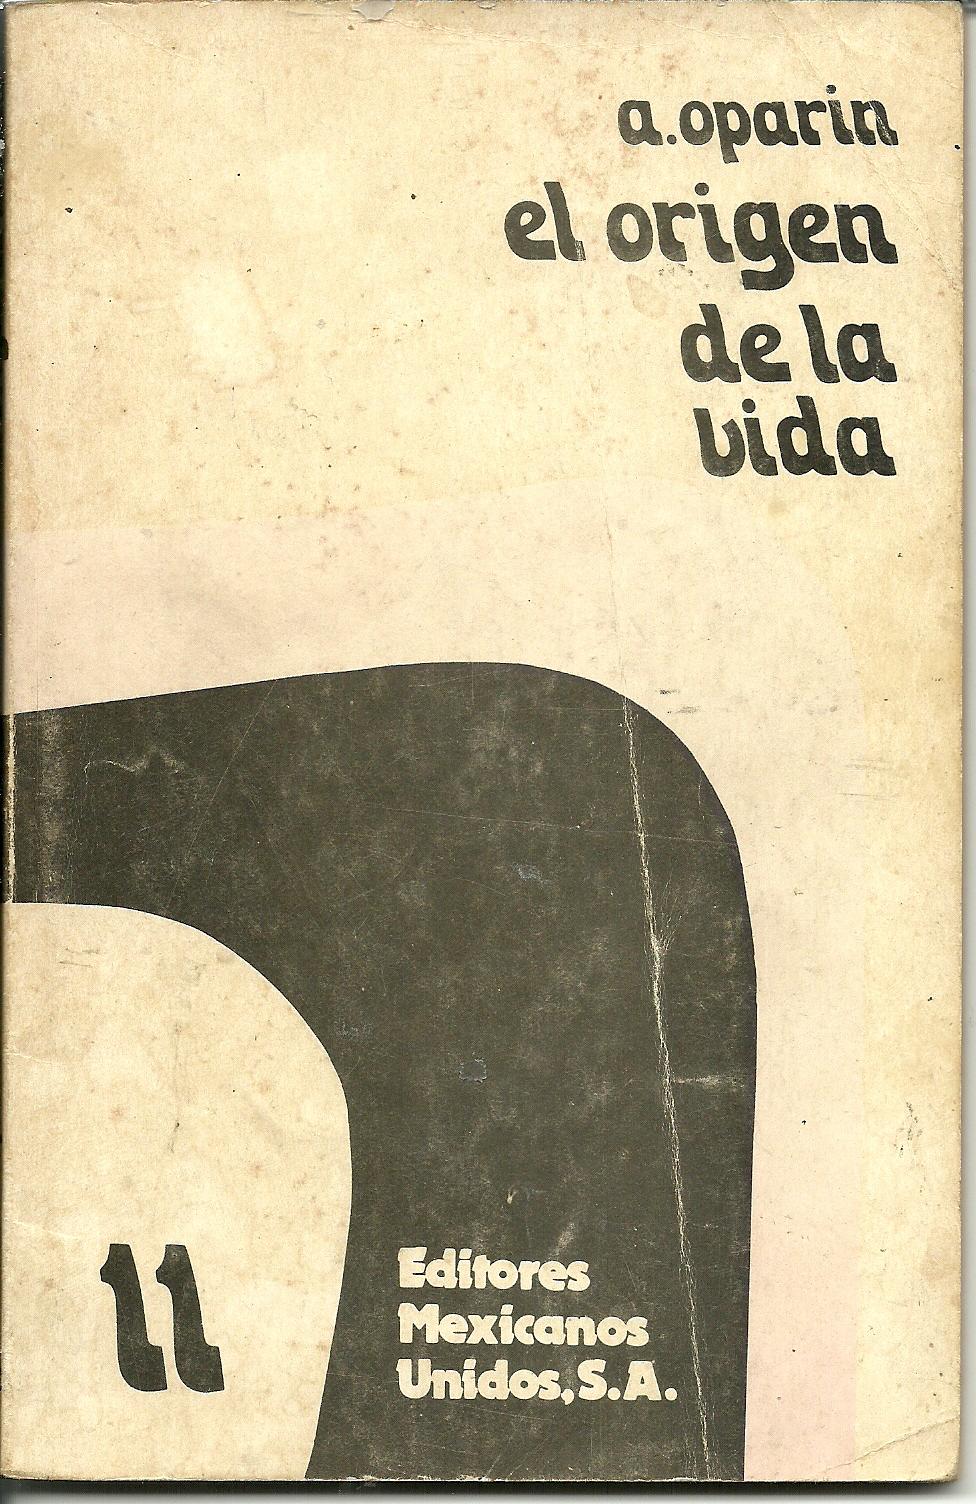 HISTORIA DE LA MEDICINA UNERG: LIBRO RECOMENDADO: EL